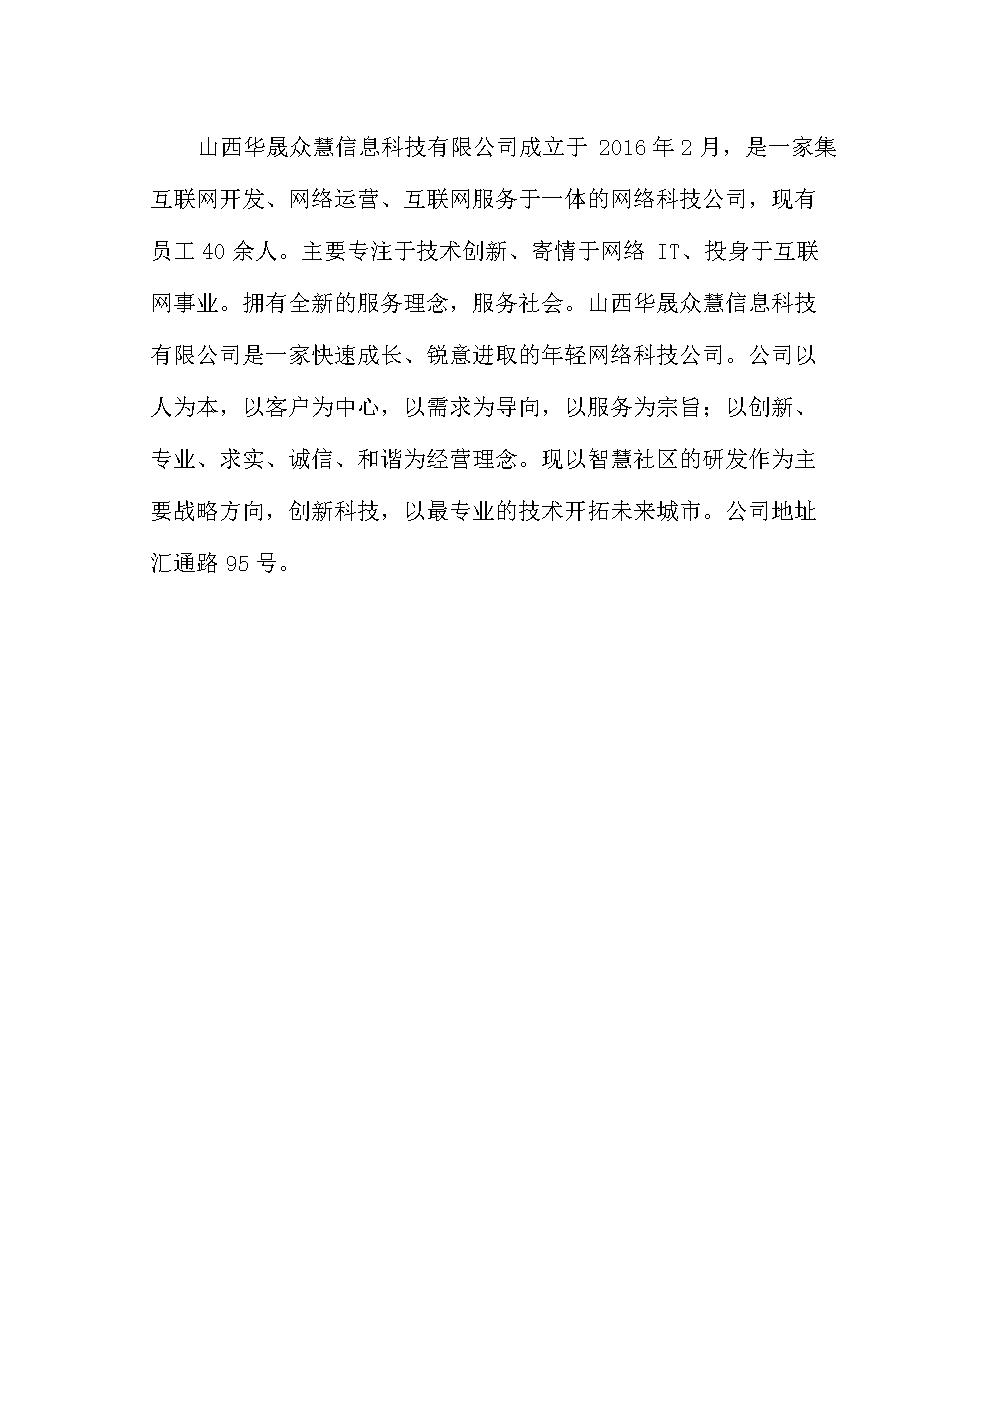 山西华晟众慧信息科技有限公司简介.docx